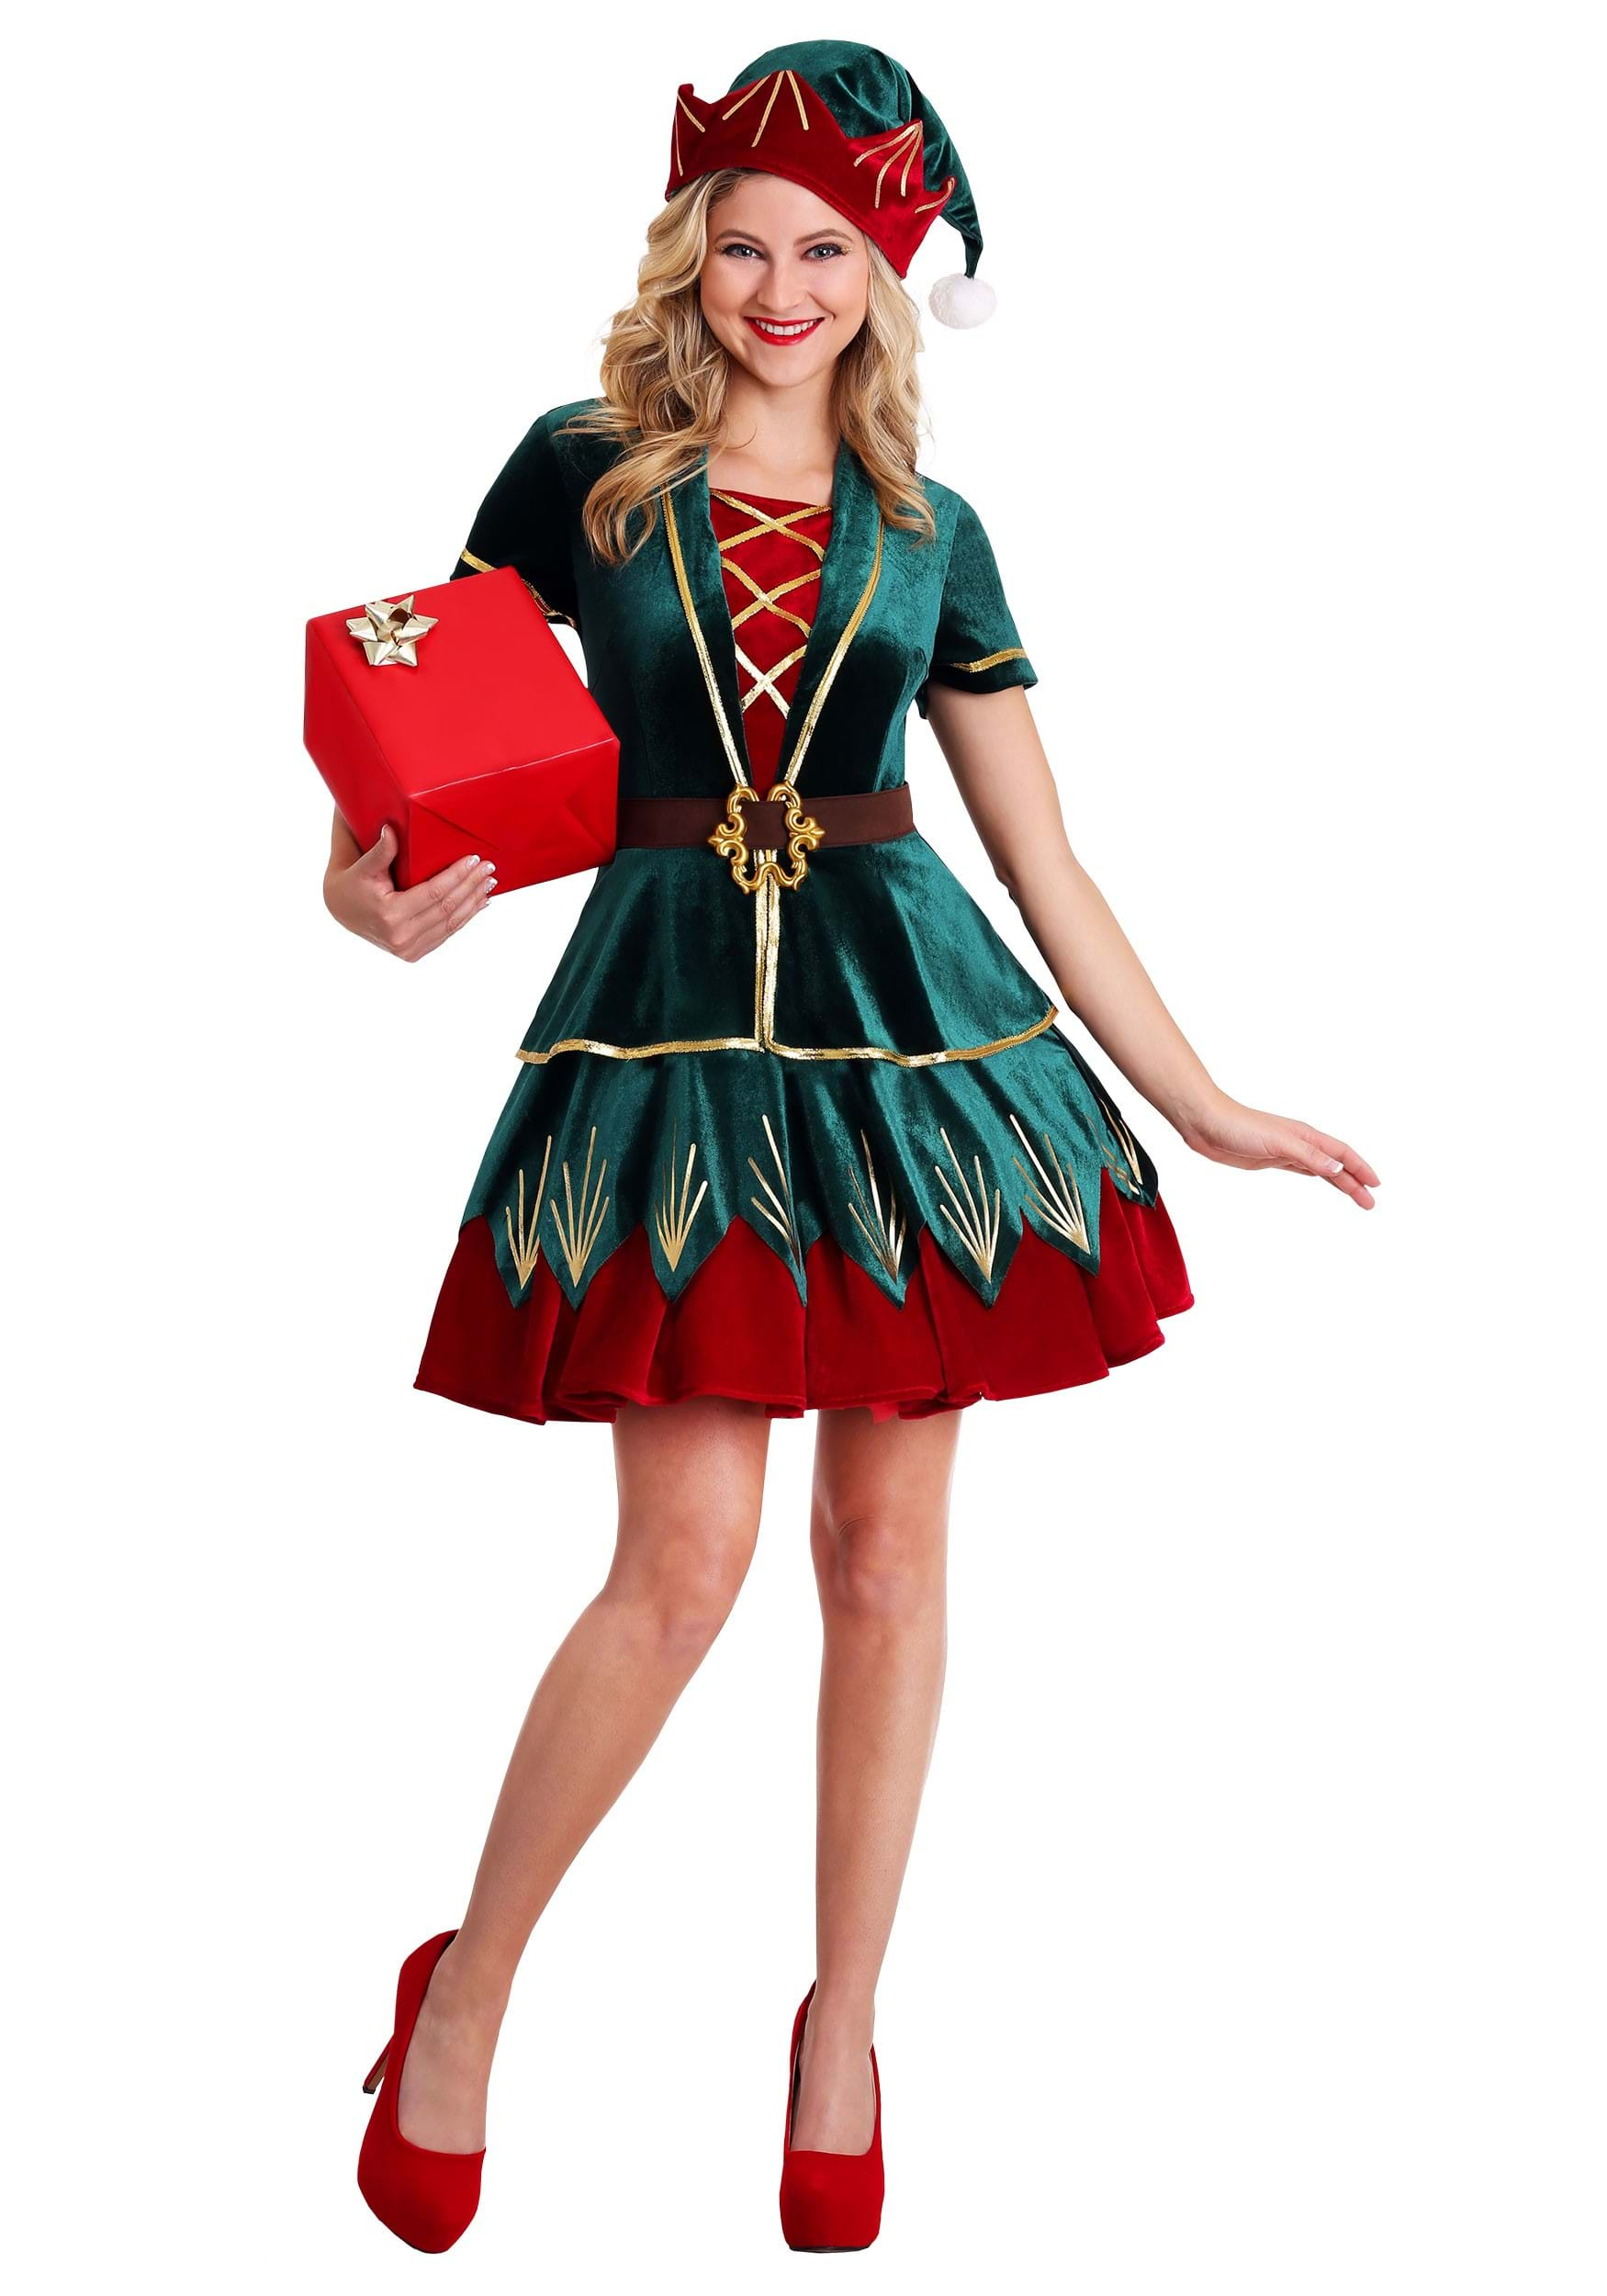 Women's Deluxe Elf Costume